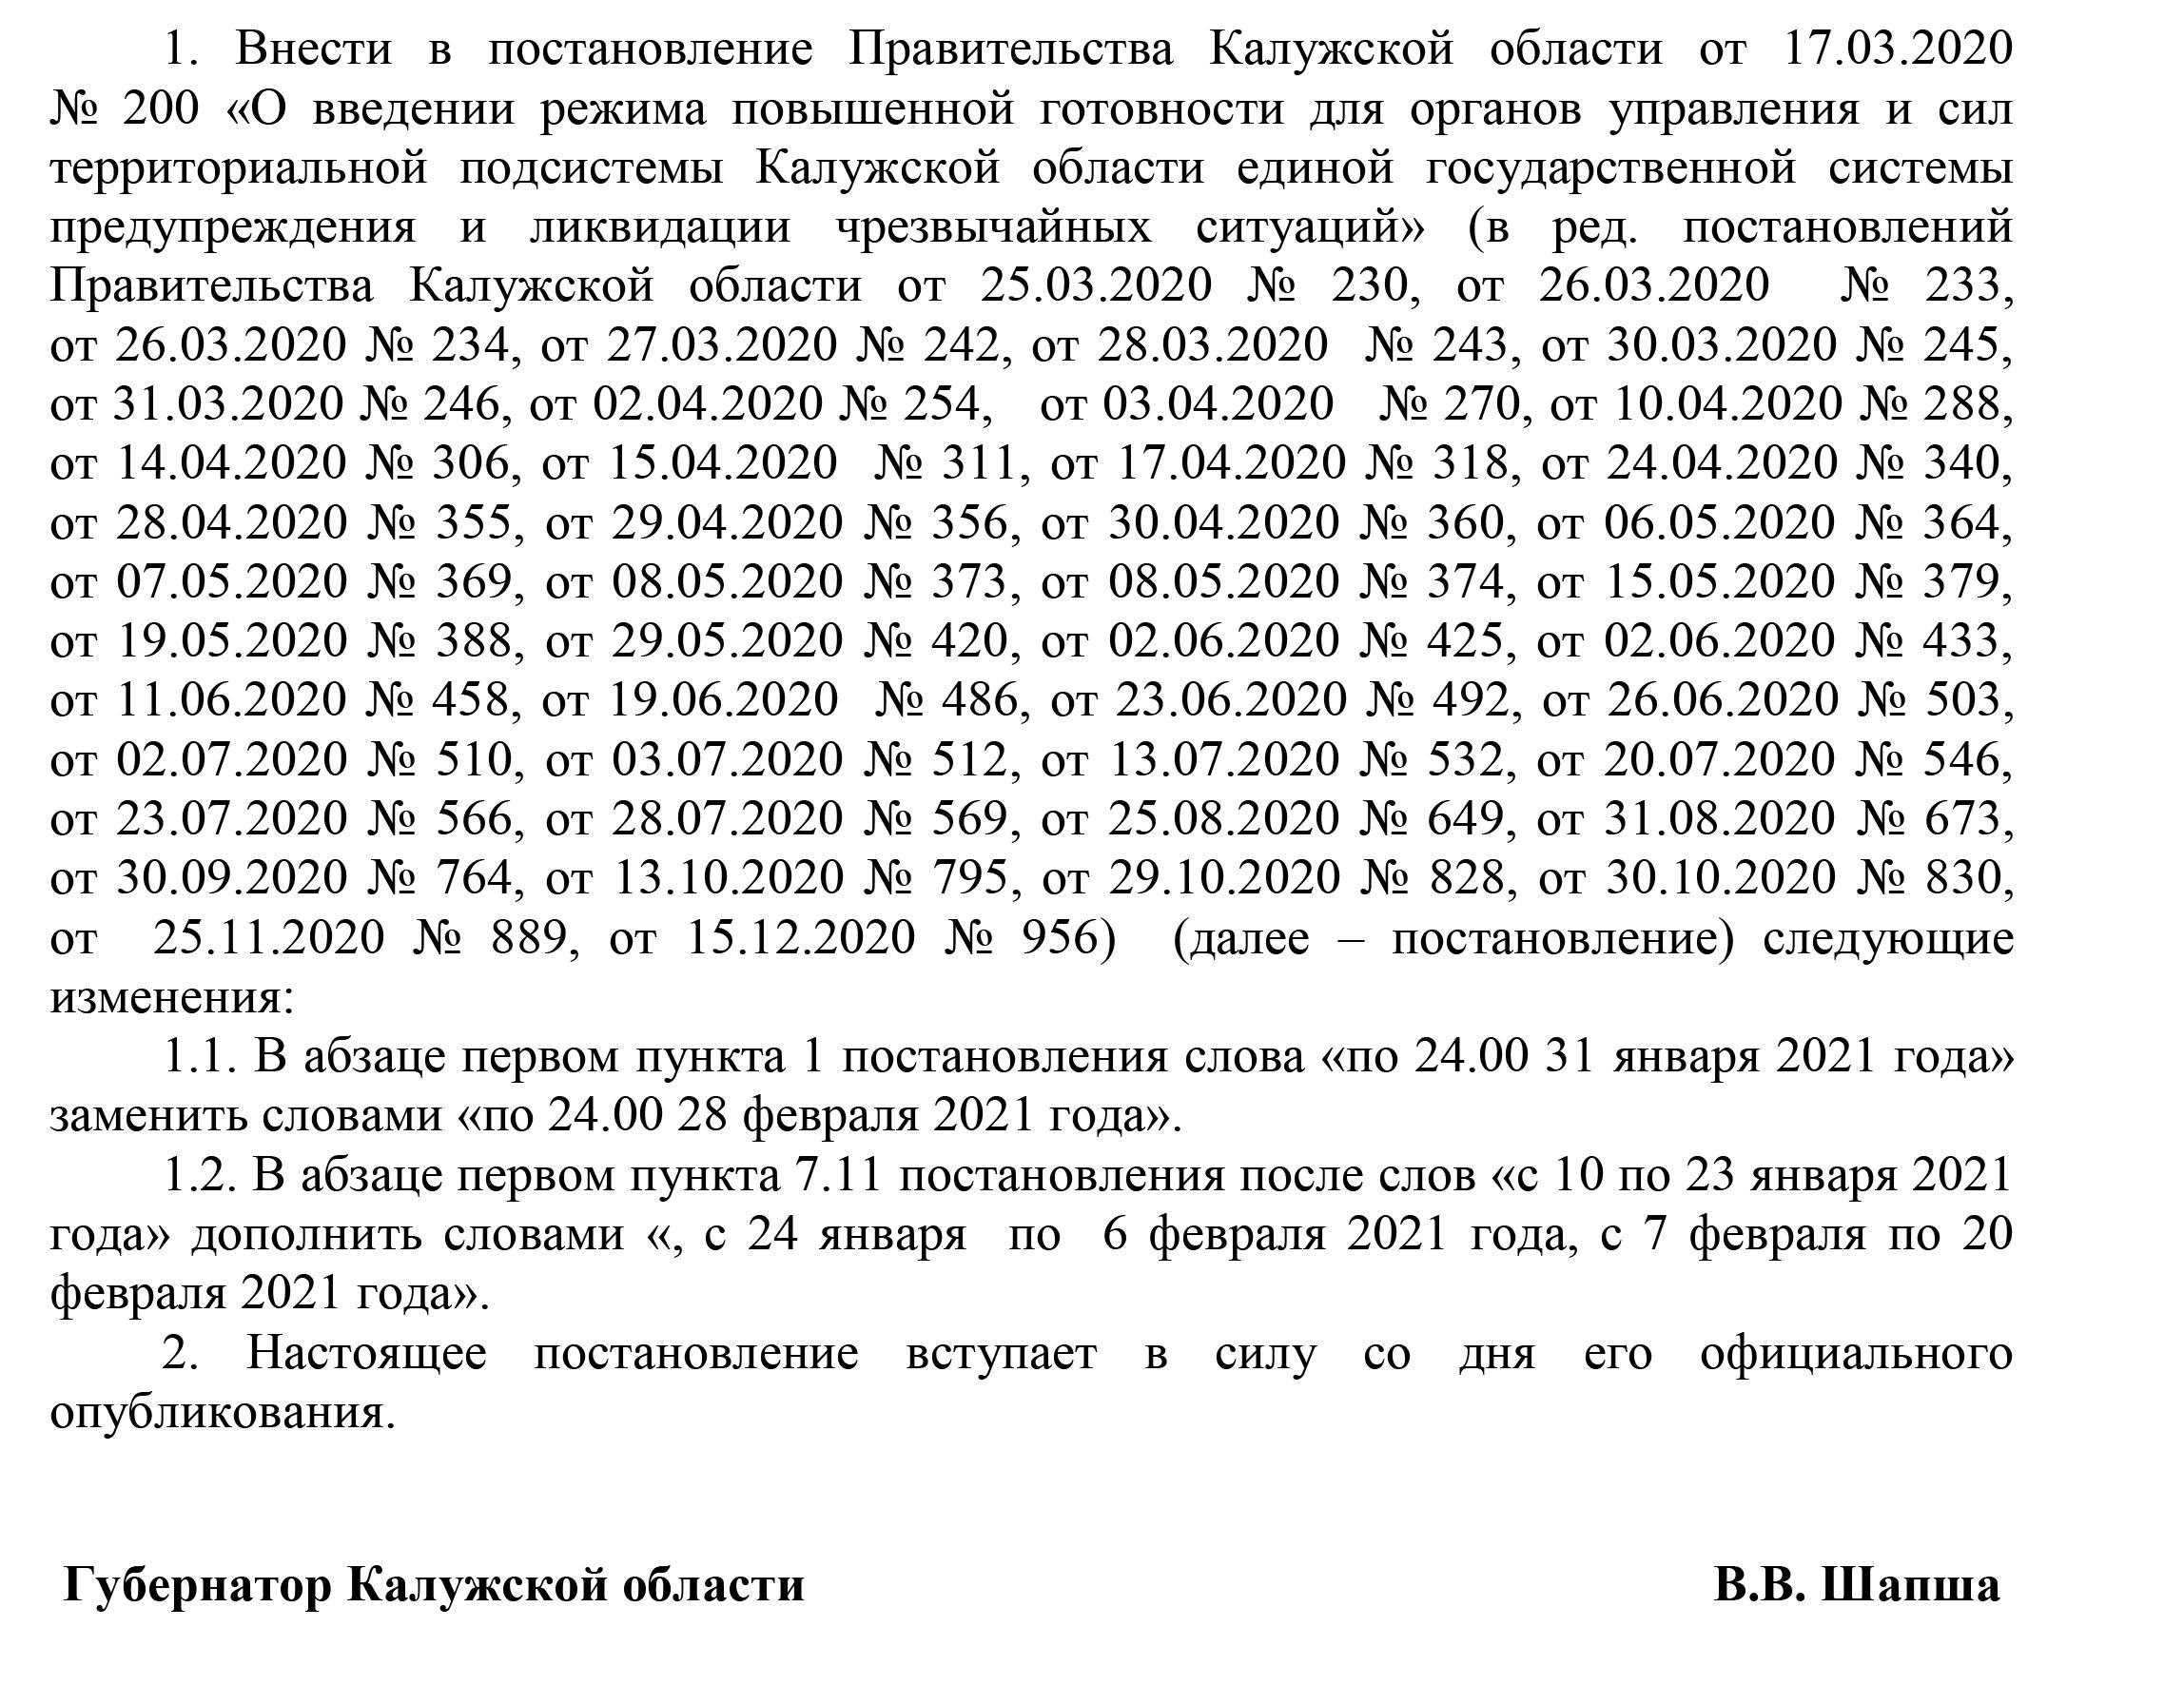 Полный текст постановления правительства Калужской области №27 от 22.01.2021: